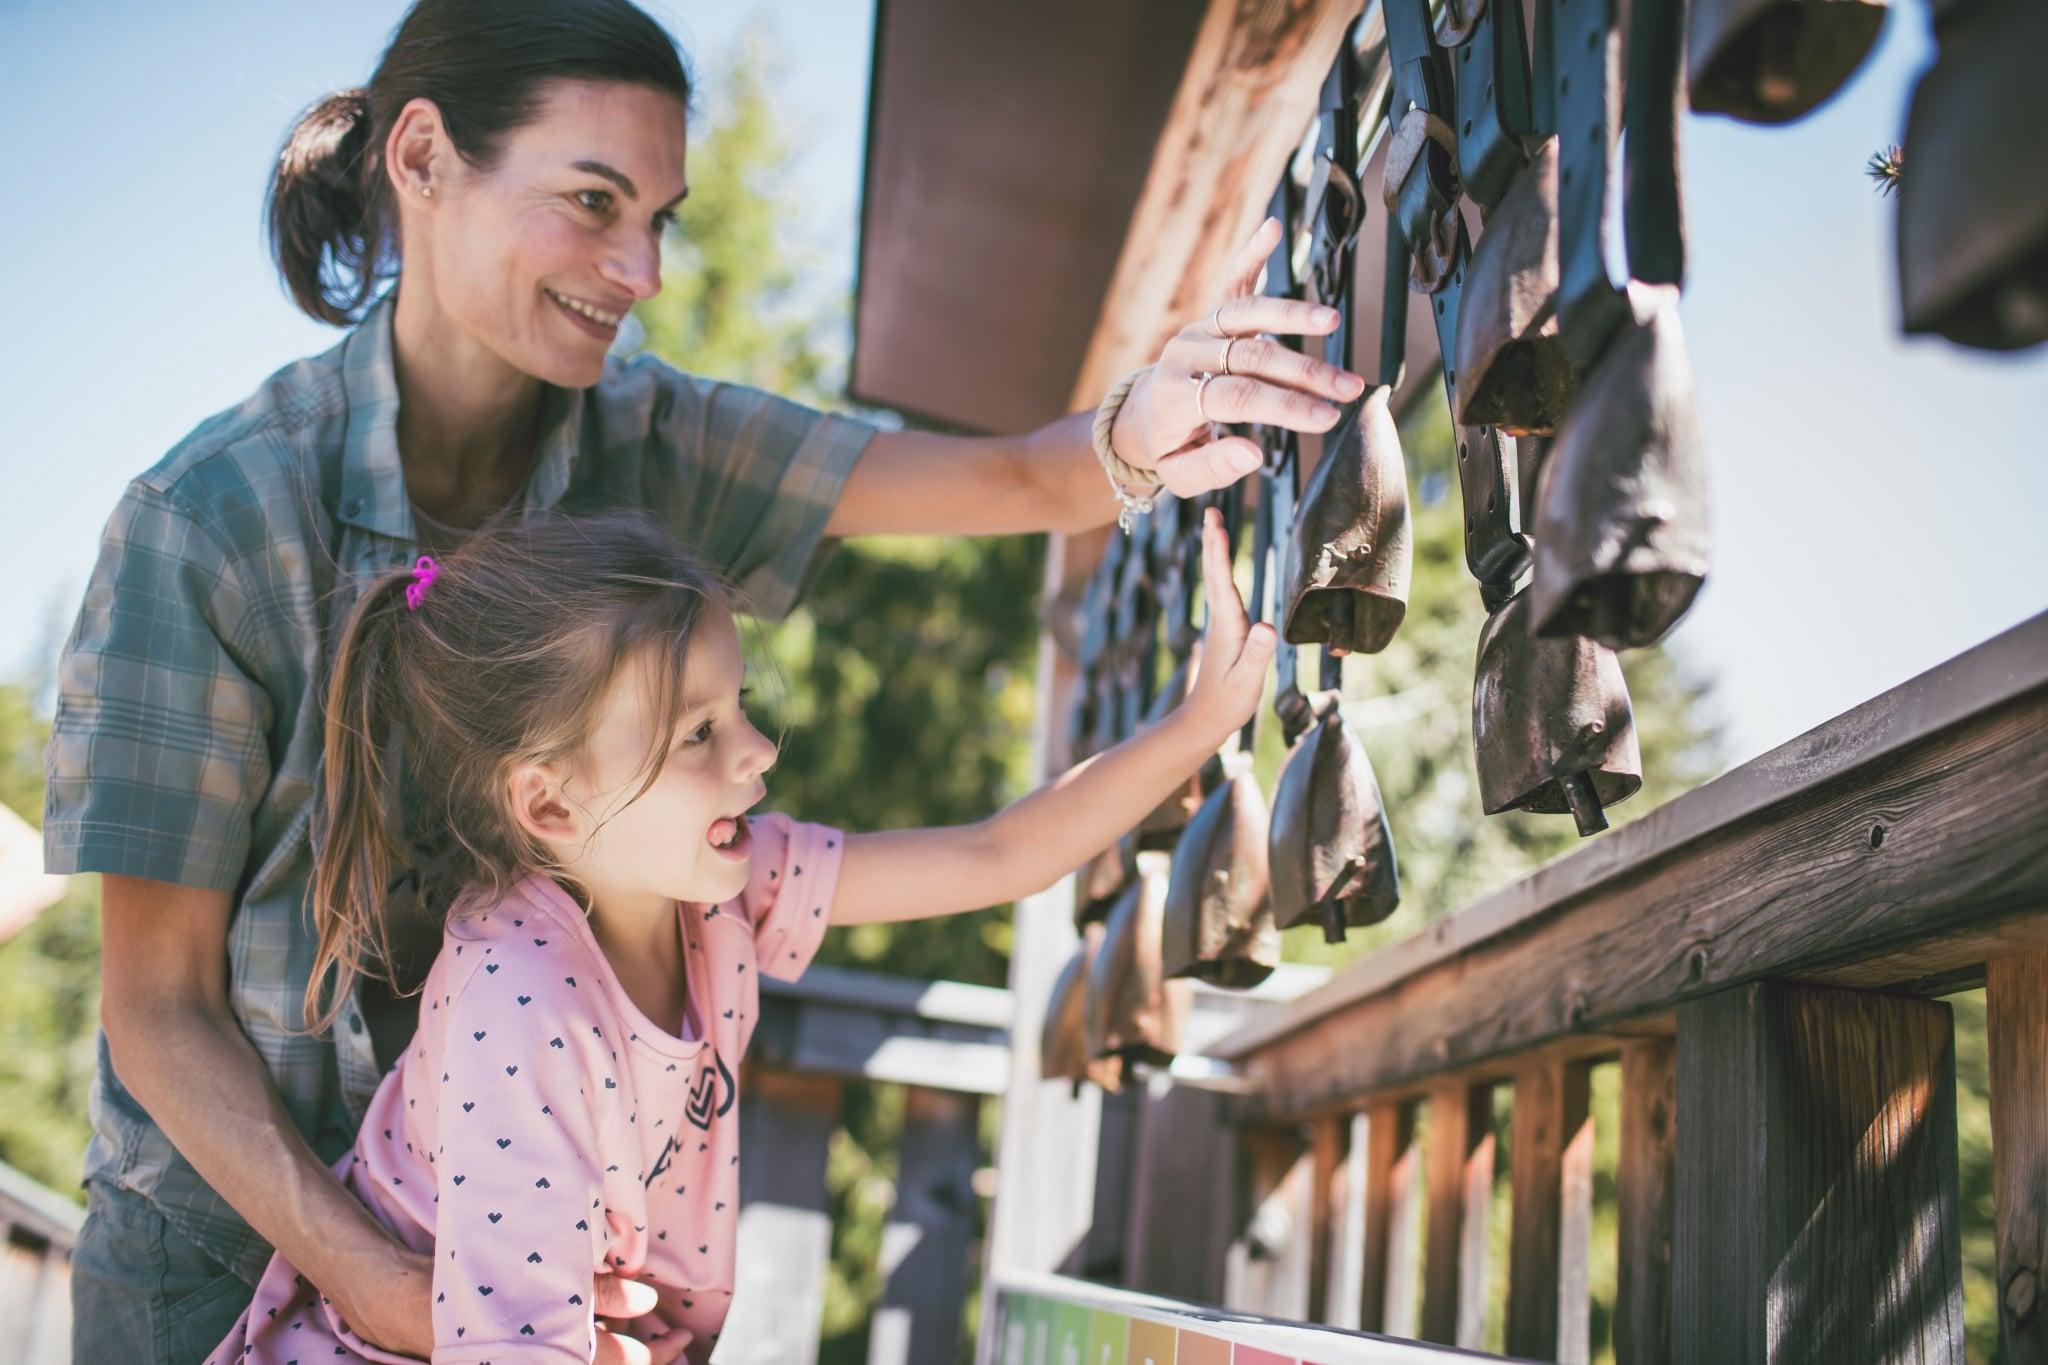 Mutter und Tochter spielen mit Glockenspiel